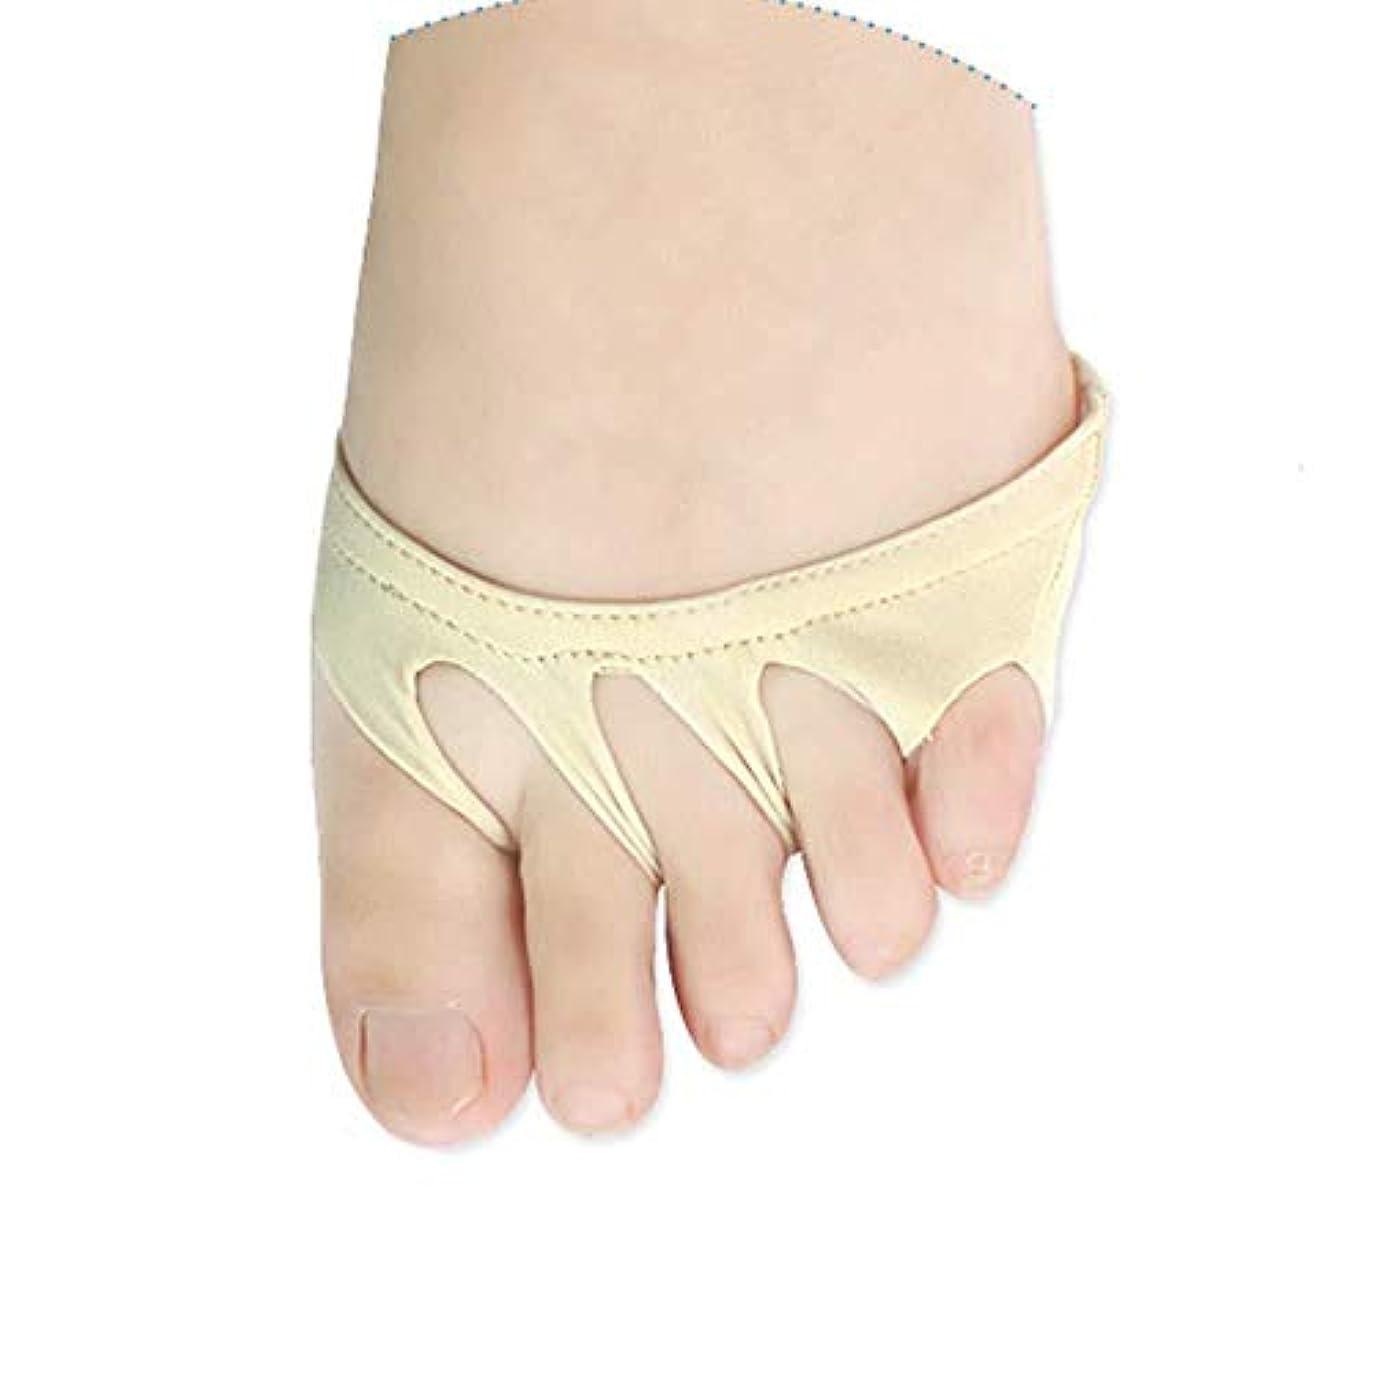 可能性大使打倒つま先セパレーター、つま先外反矯正のつま先セパレーターは、痛みを和らげるために親指を使用して外反母hallに毎日適用されます